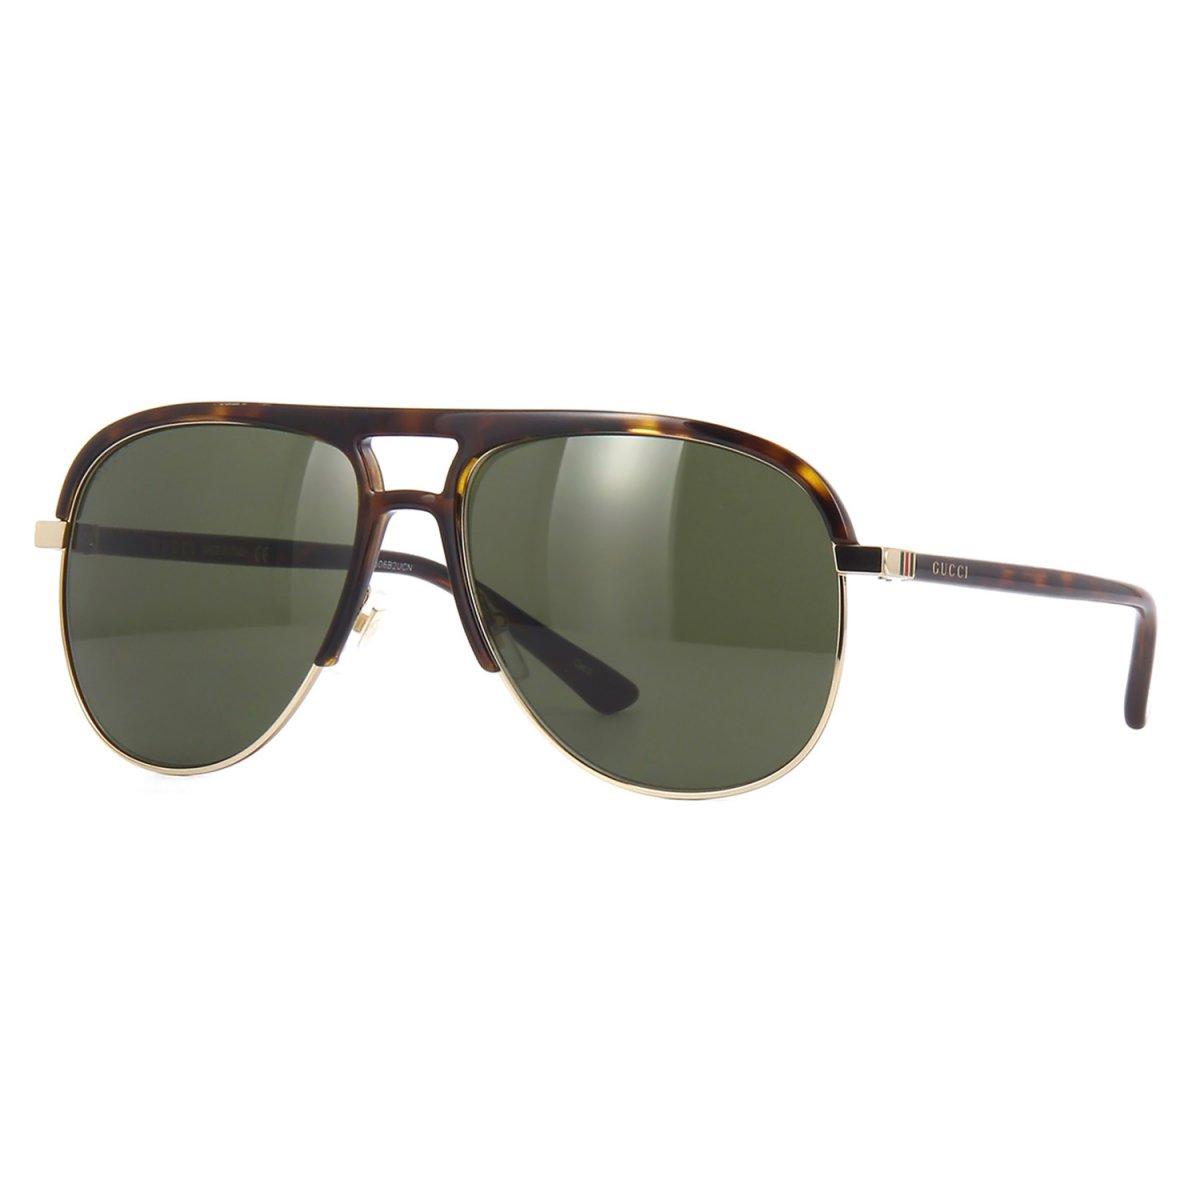 282bd8d7d Óculos de Sol Masculino Gucci   Óculos de Sol Gucci GG0292S-003